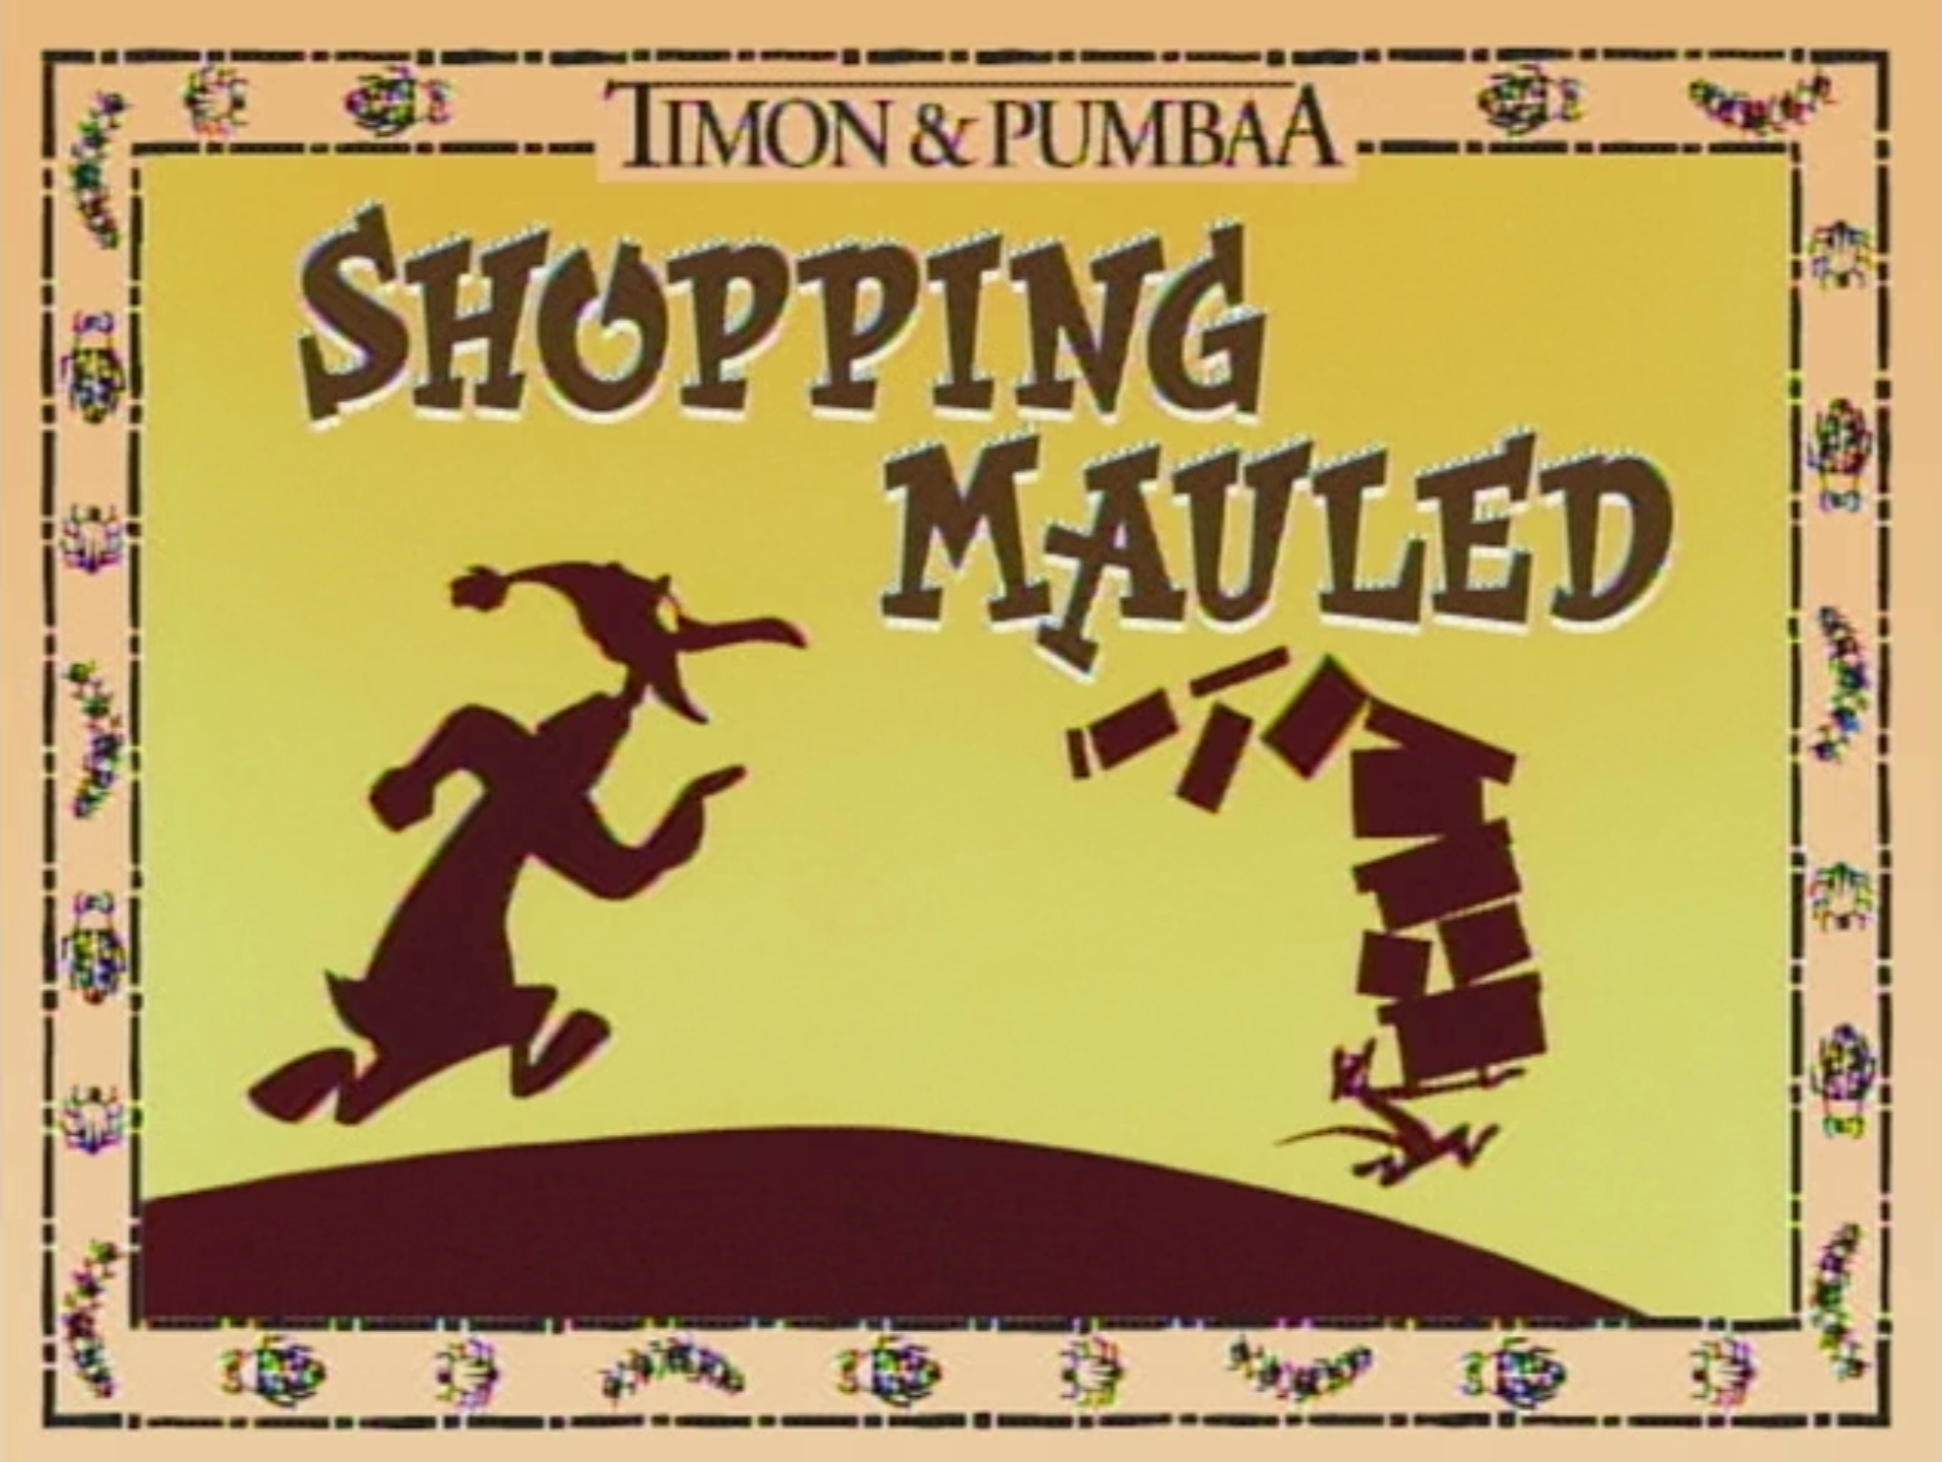 Shopping Mauled